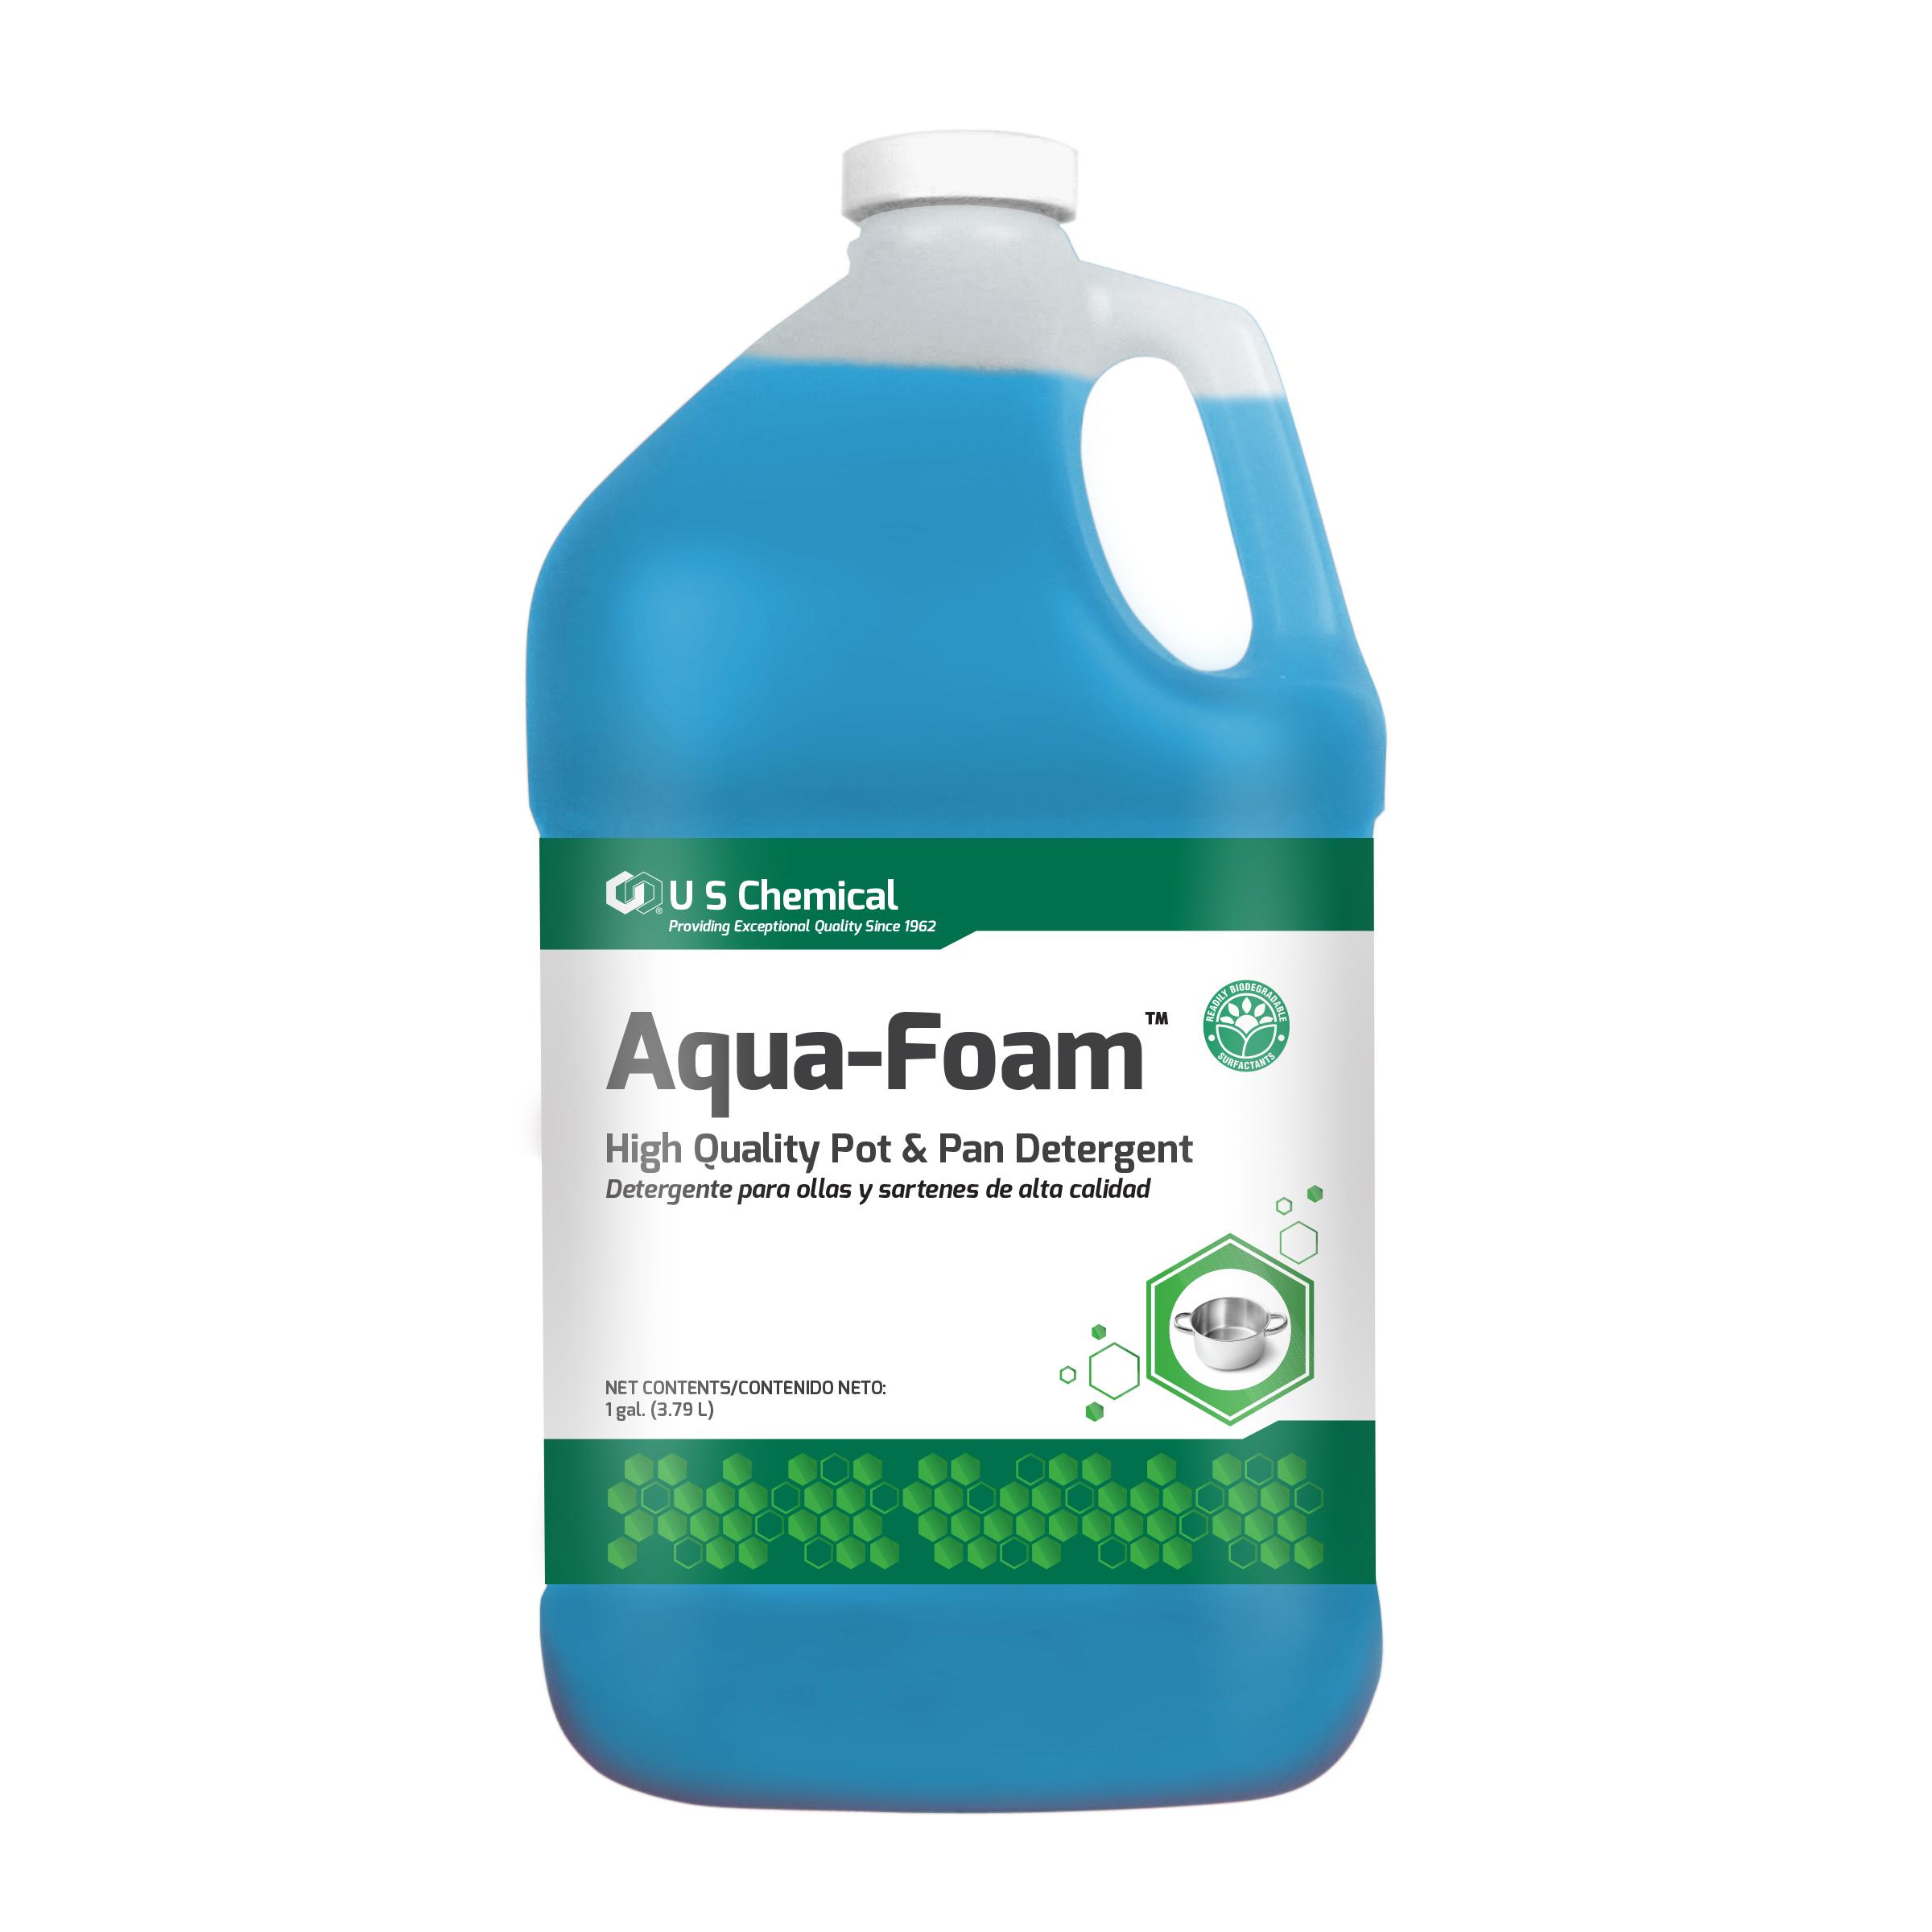 057581_AQUA-FOAM_1GA